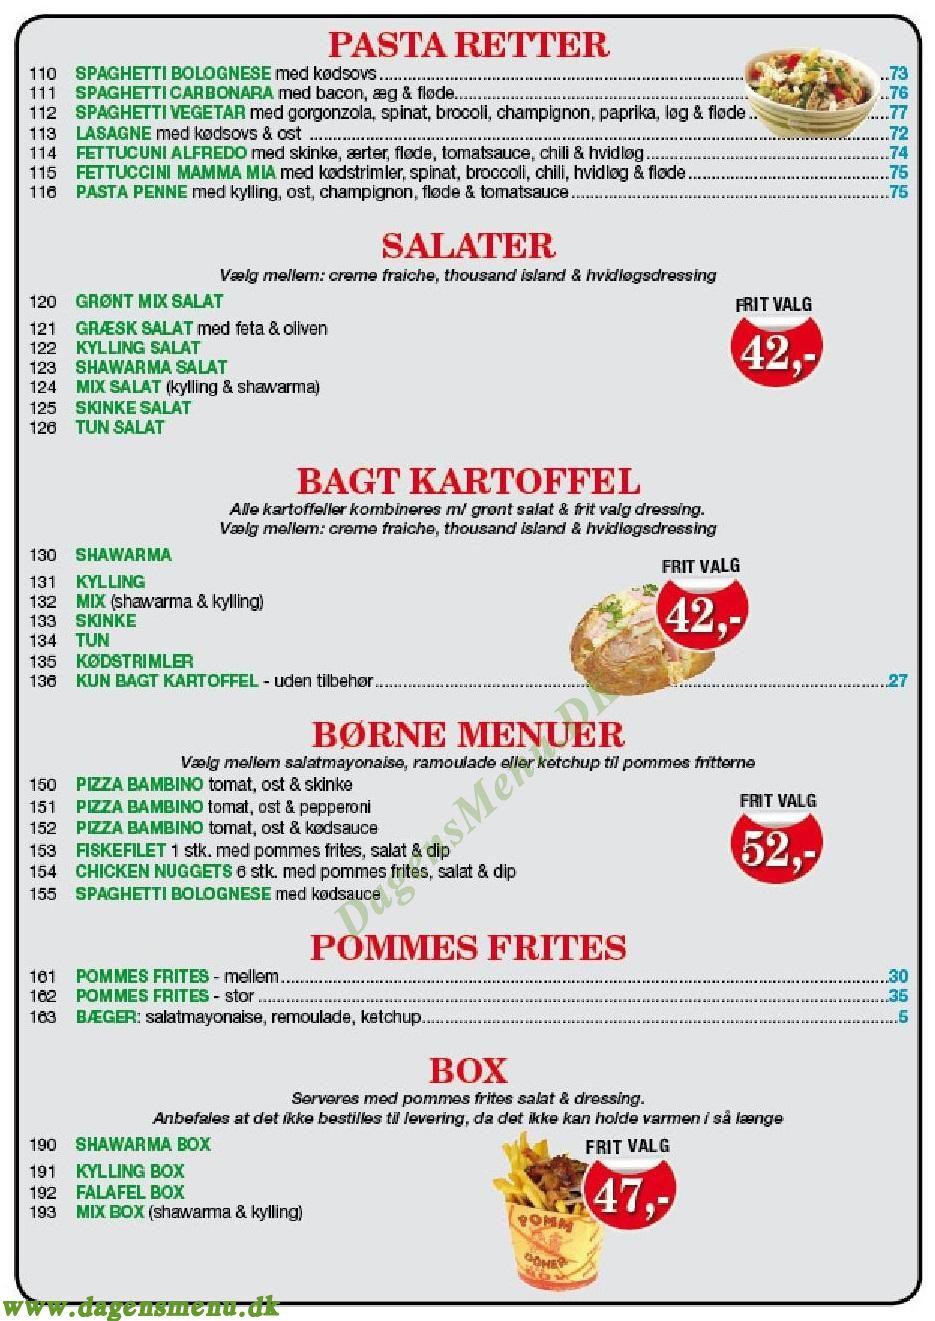 Bodrum Pizzaria - Menukort